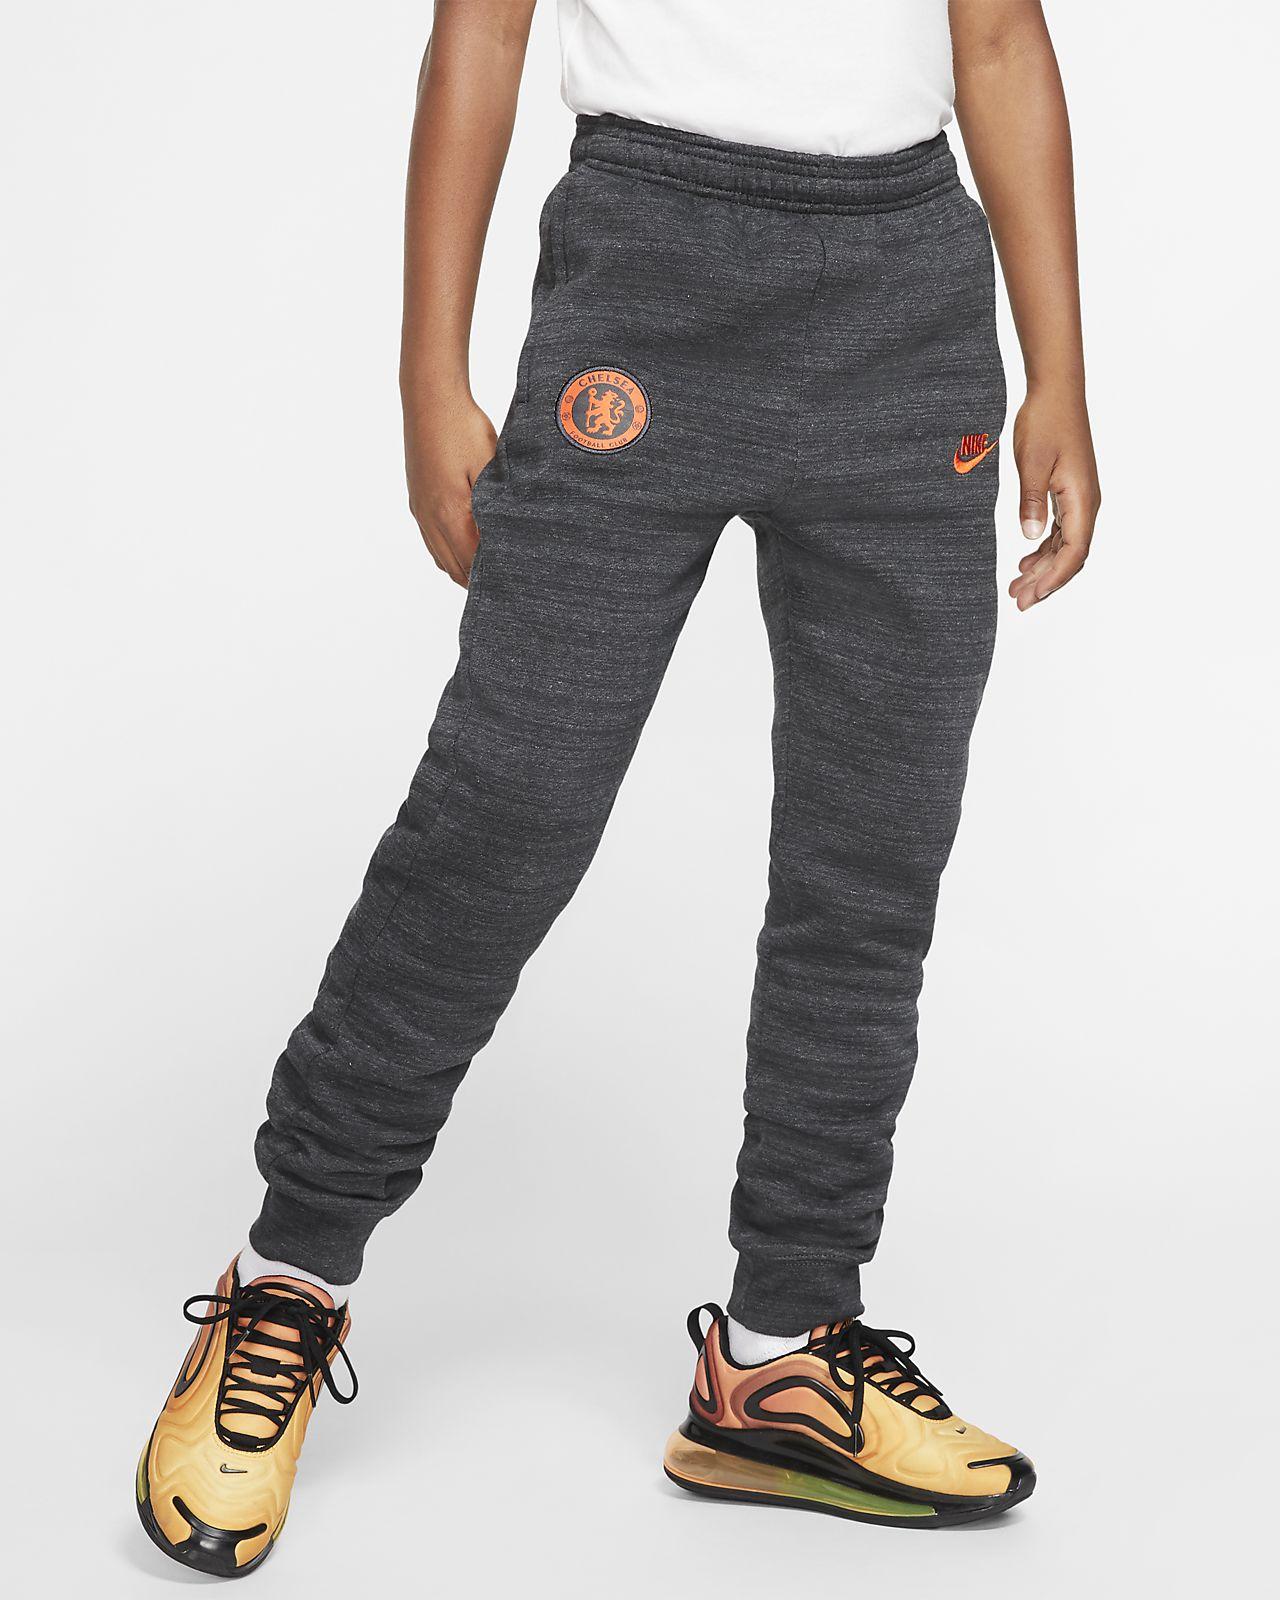 Chelsea FC Pantalón de tejido Fleece de fútbol - Niño/a